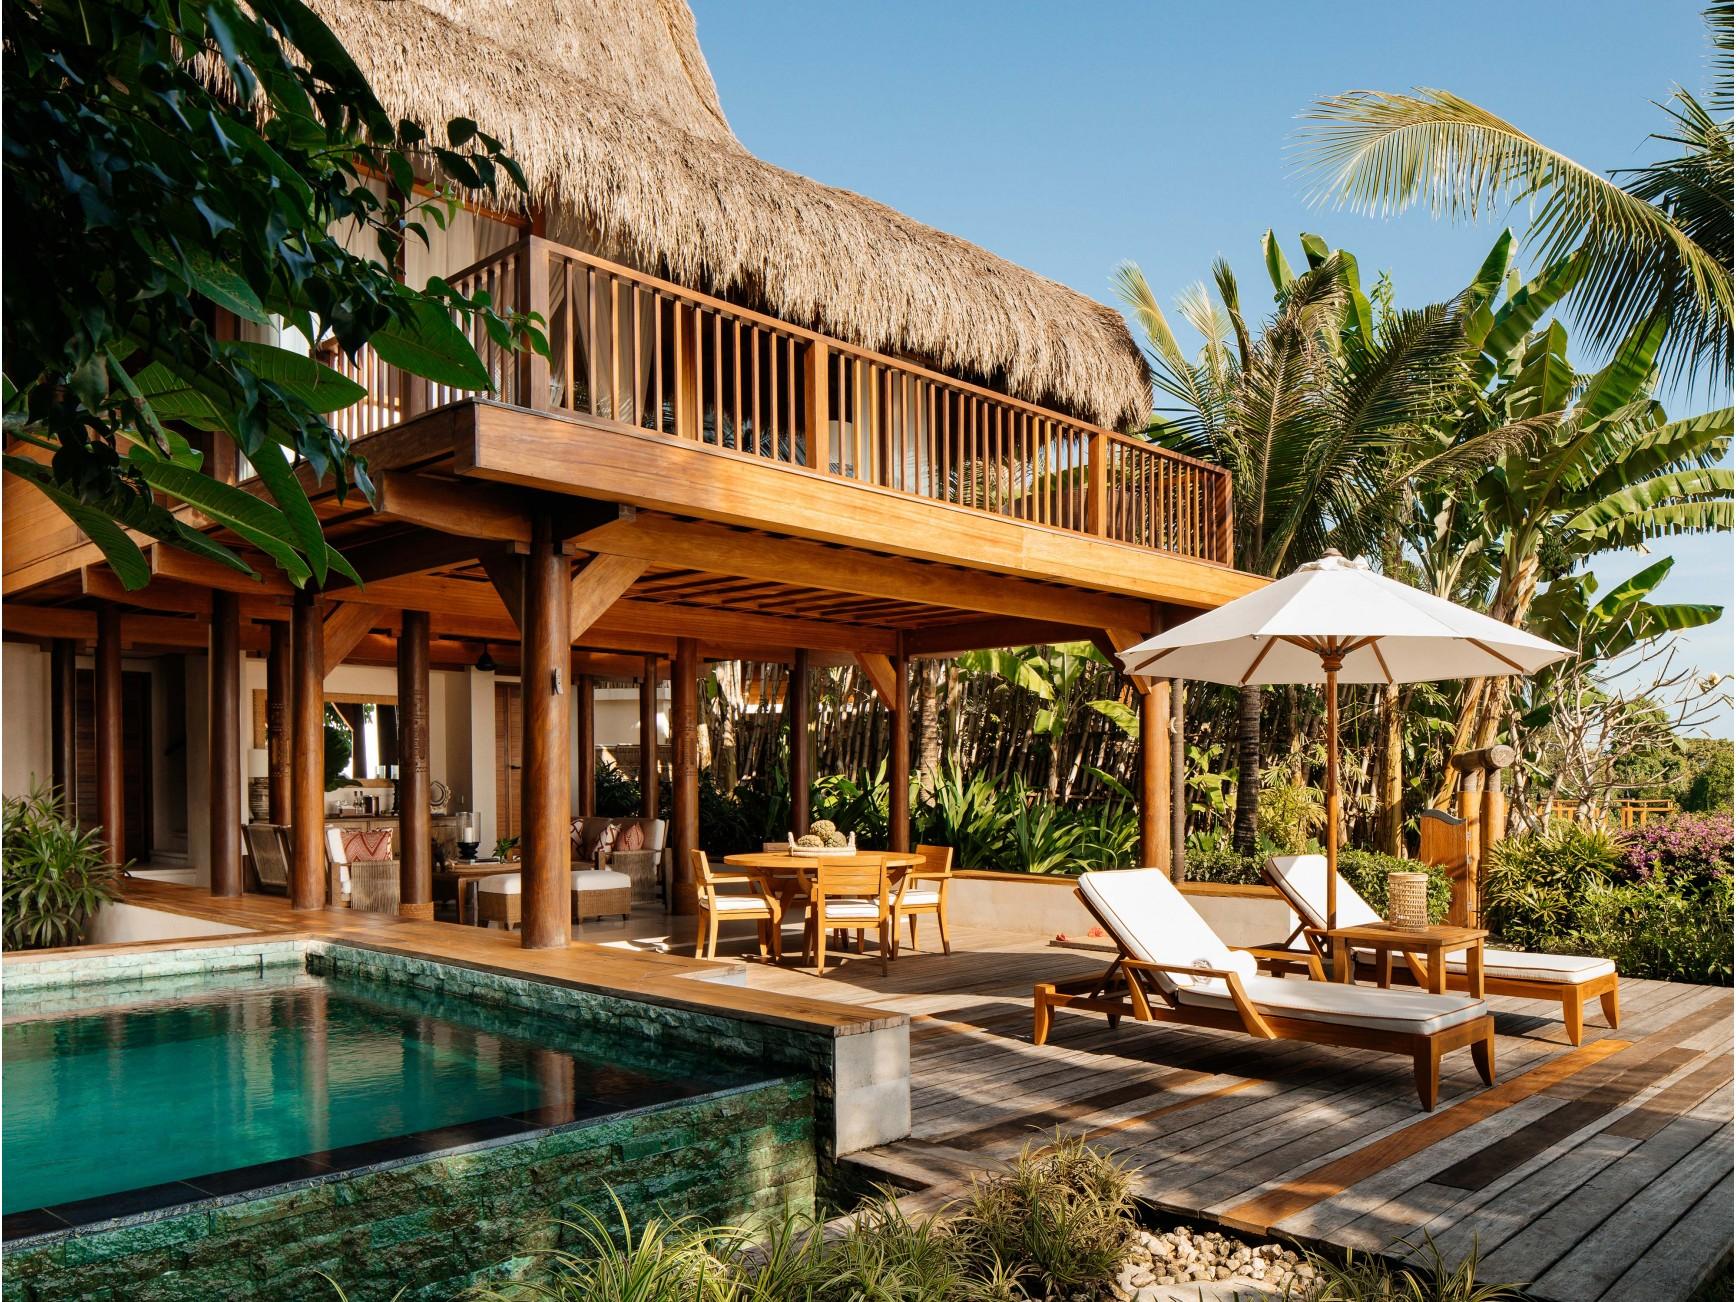 Outdoor pool area at Nihi Sumba Island